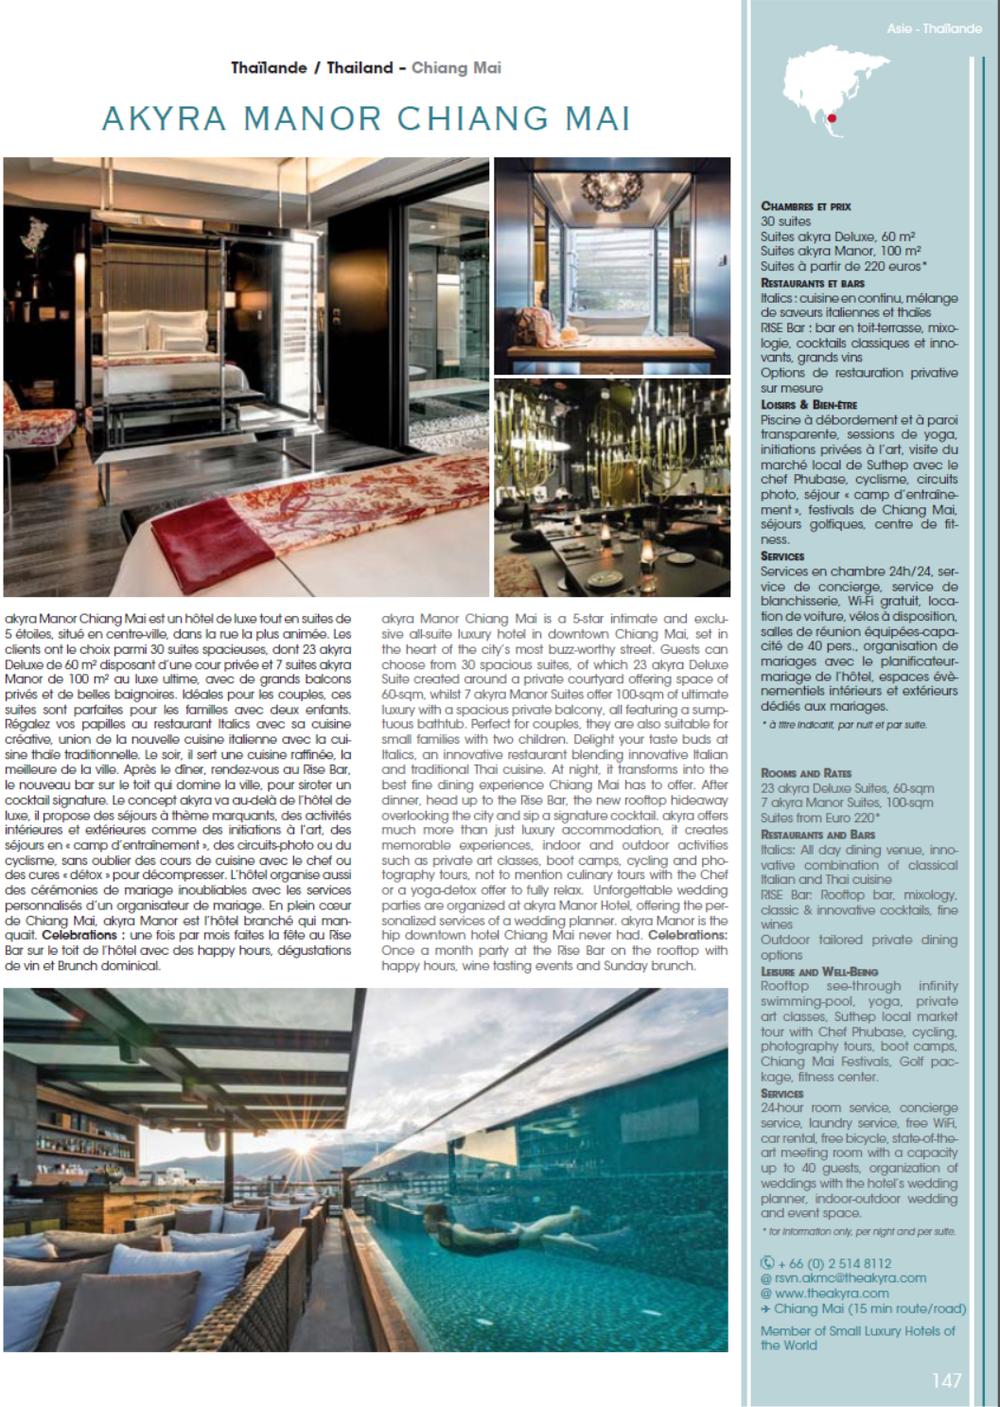 Article: Courtesy of     Best Hotels Magazine #40 CELEBRATIONS